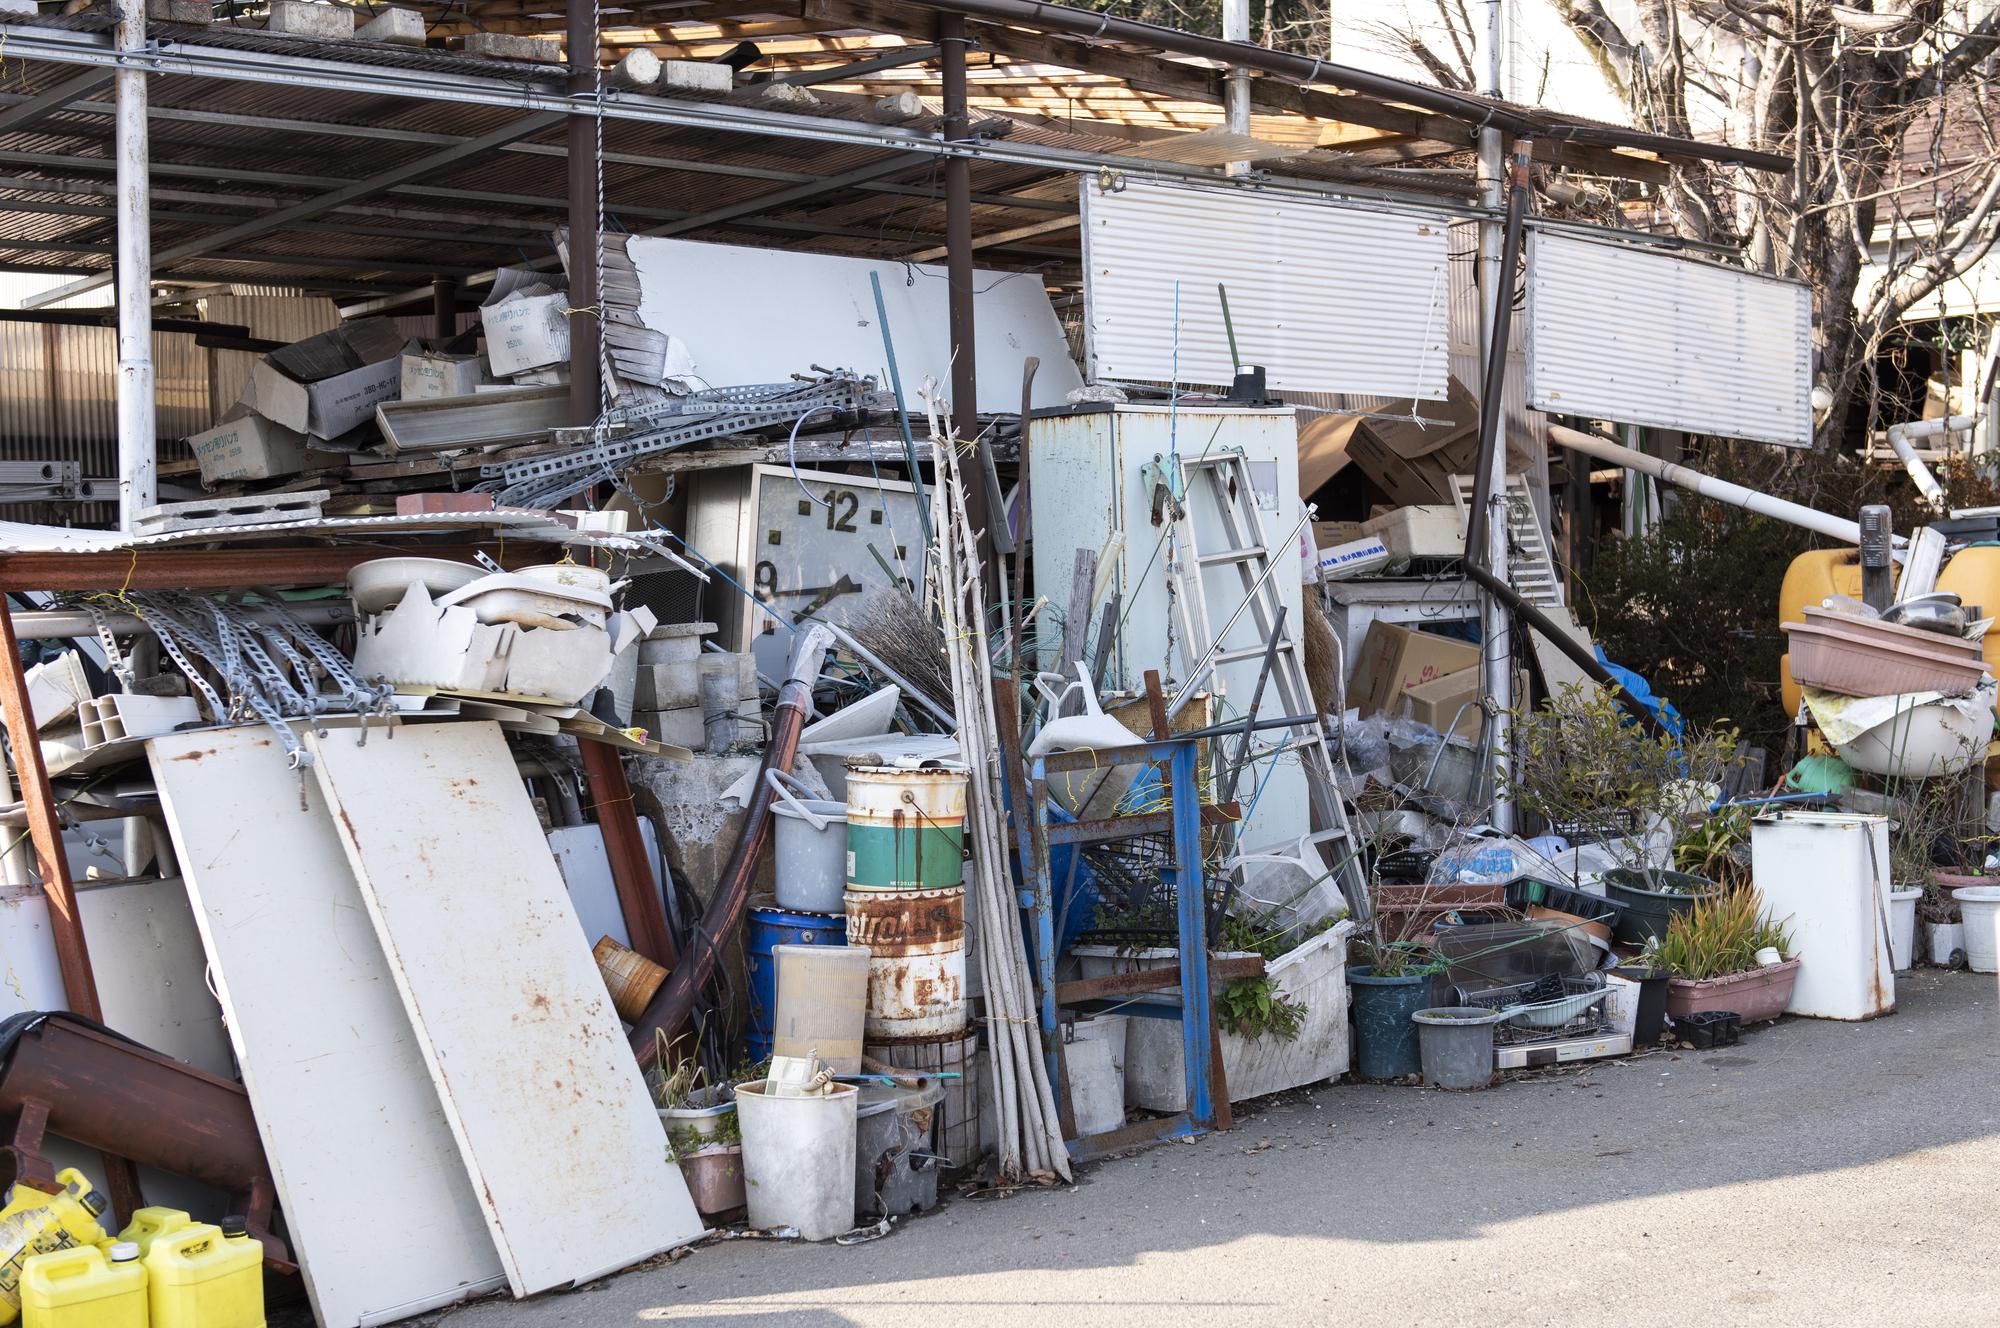 大量のゴミが外に積まれたゴミ屋敷